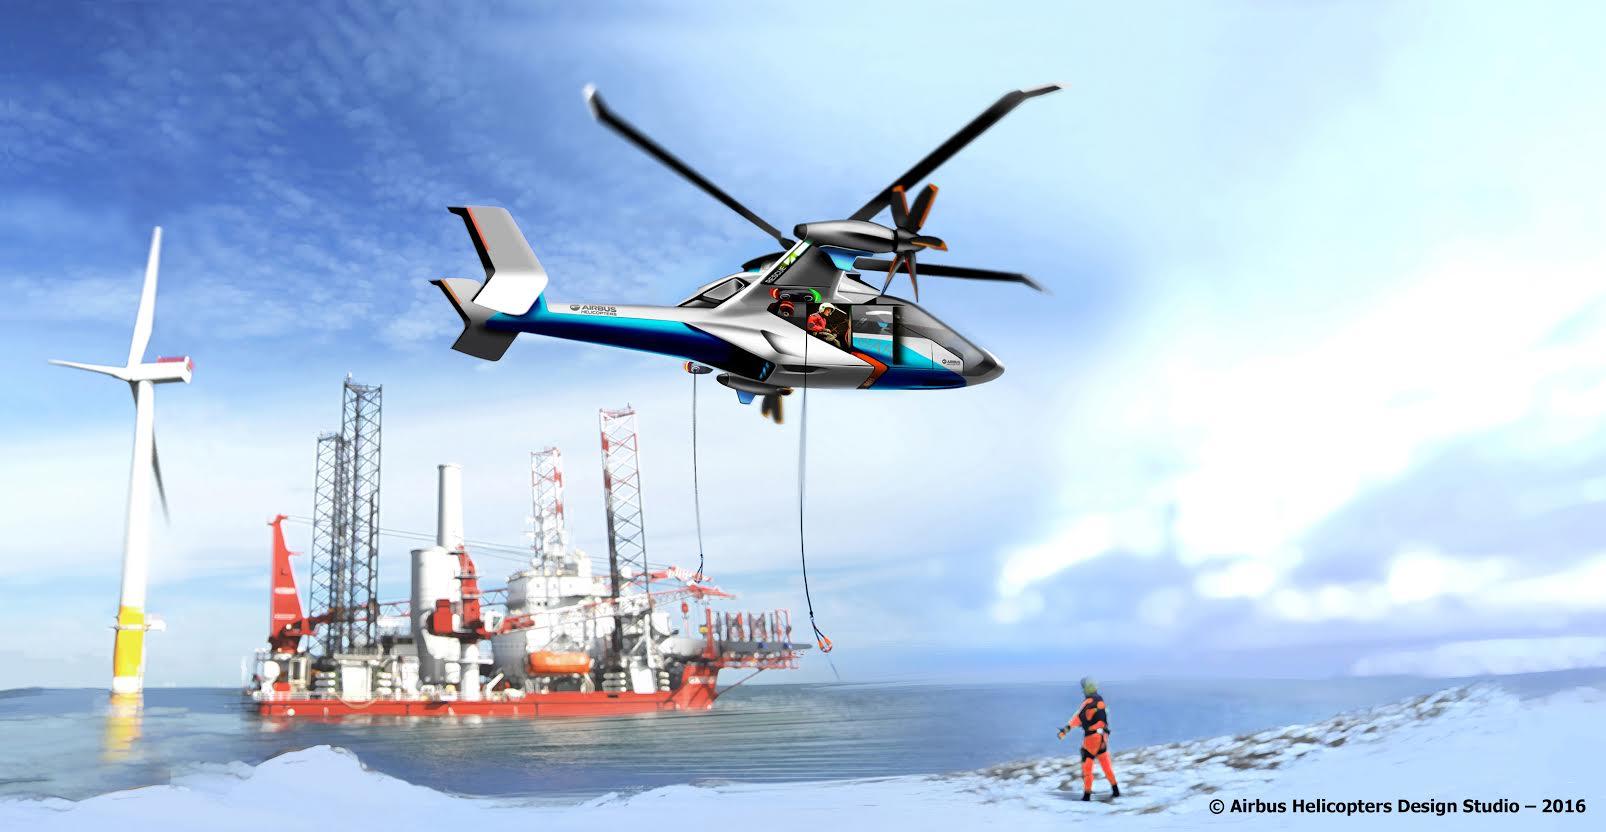 Emergencia en vivo | Airbus Helicopters avanza el demostrador eficiente de helicópteros Clean Sky 2 de alta velocidad - Imagen de la galería 1